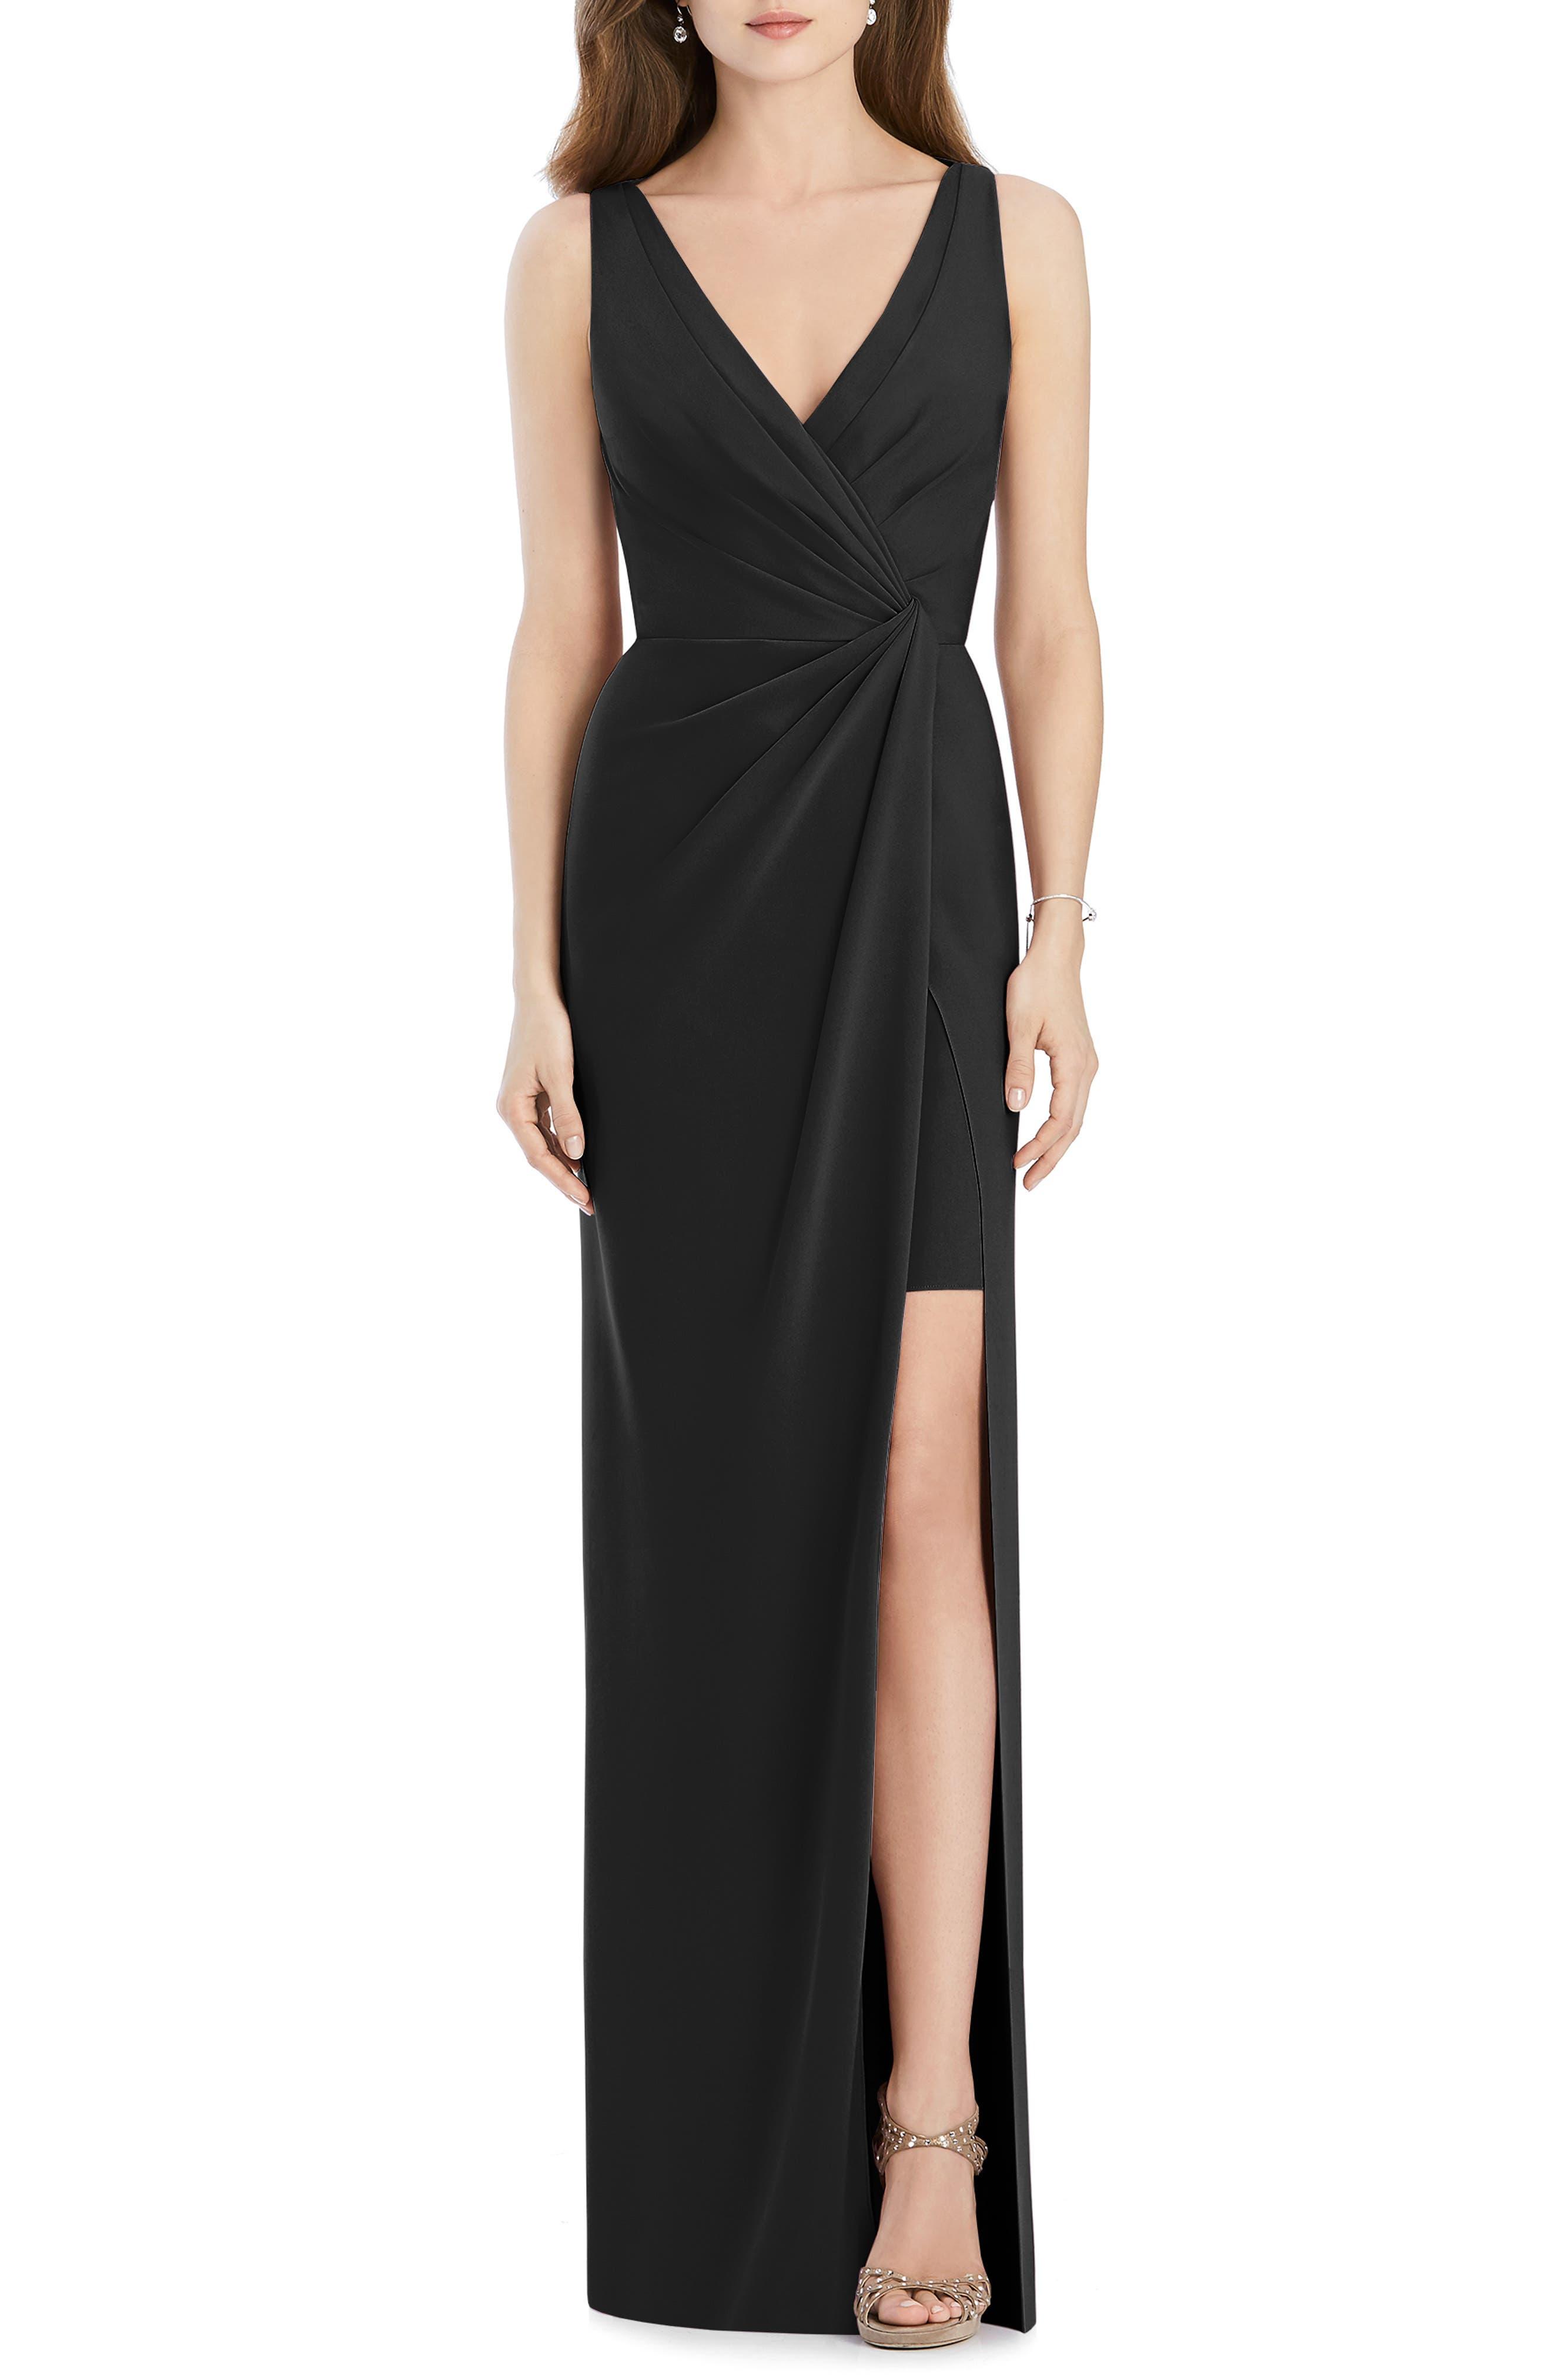 JENNY PACKHAM Crepe Column Gown, Main, color, BLACK